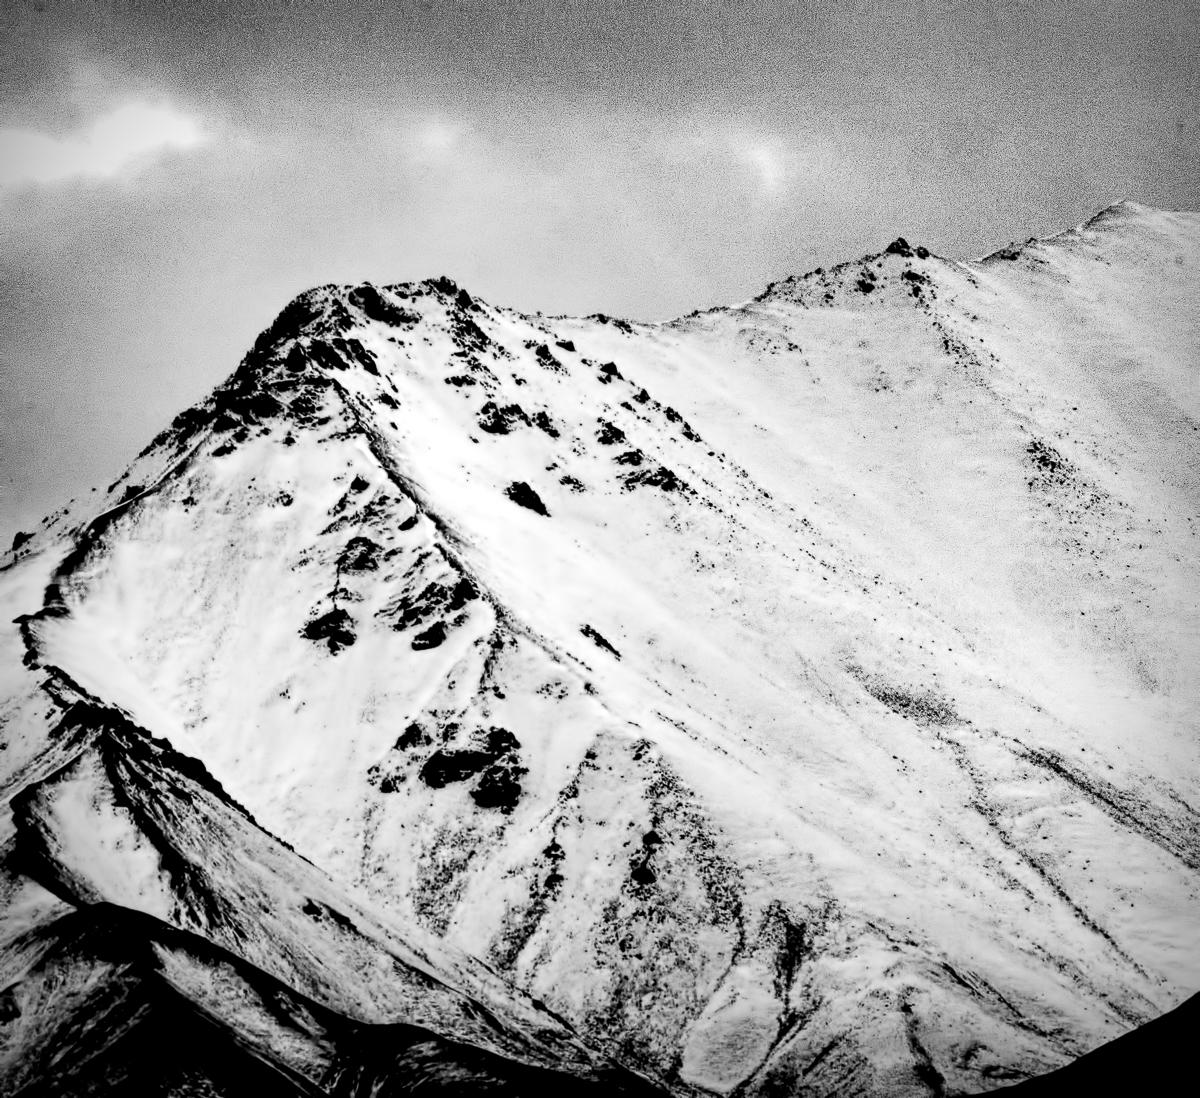 Closeup of a Denali ridge